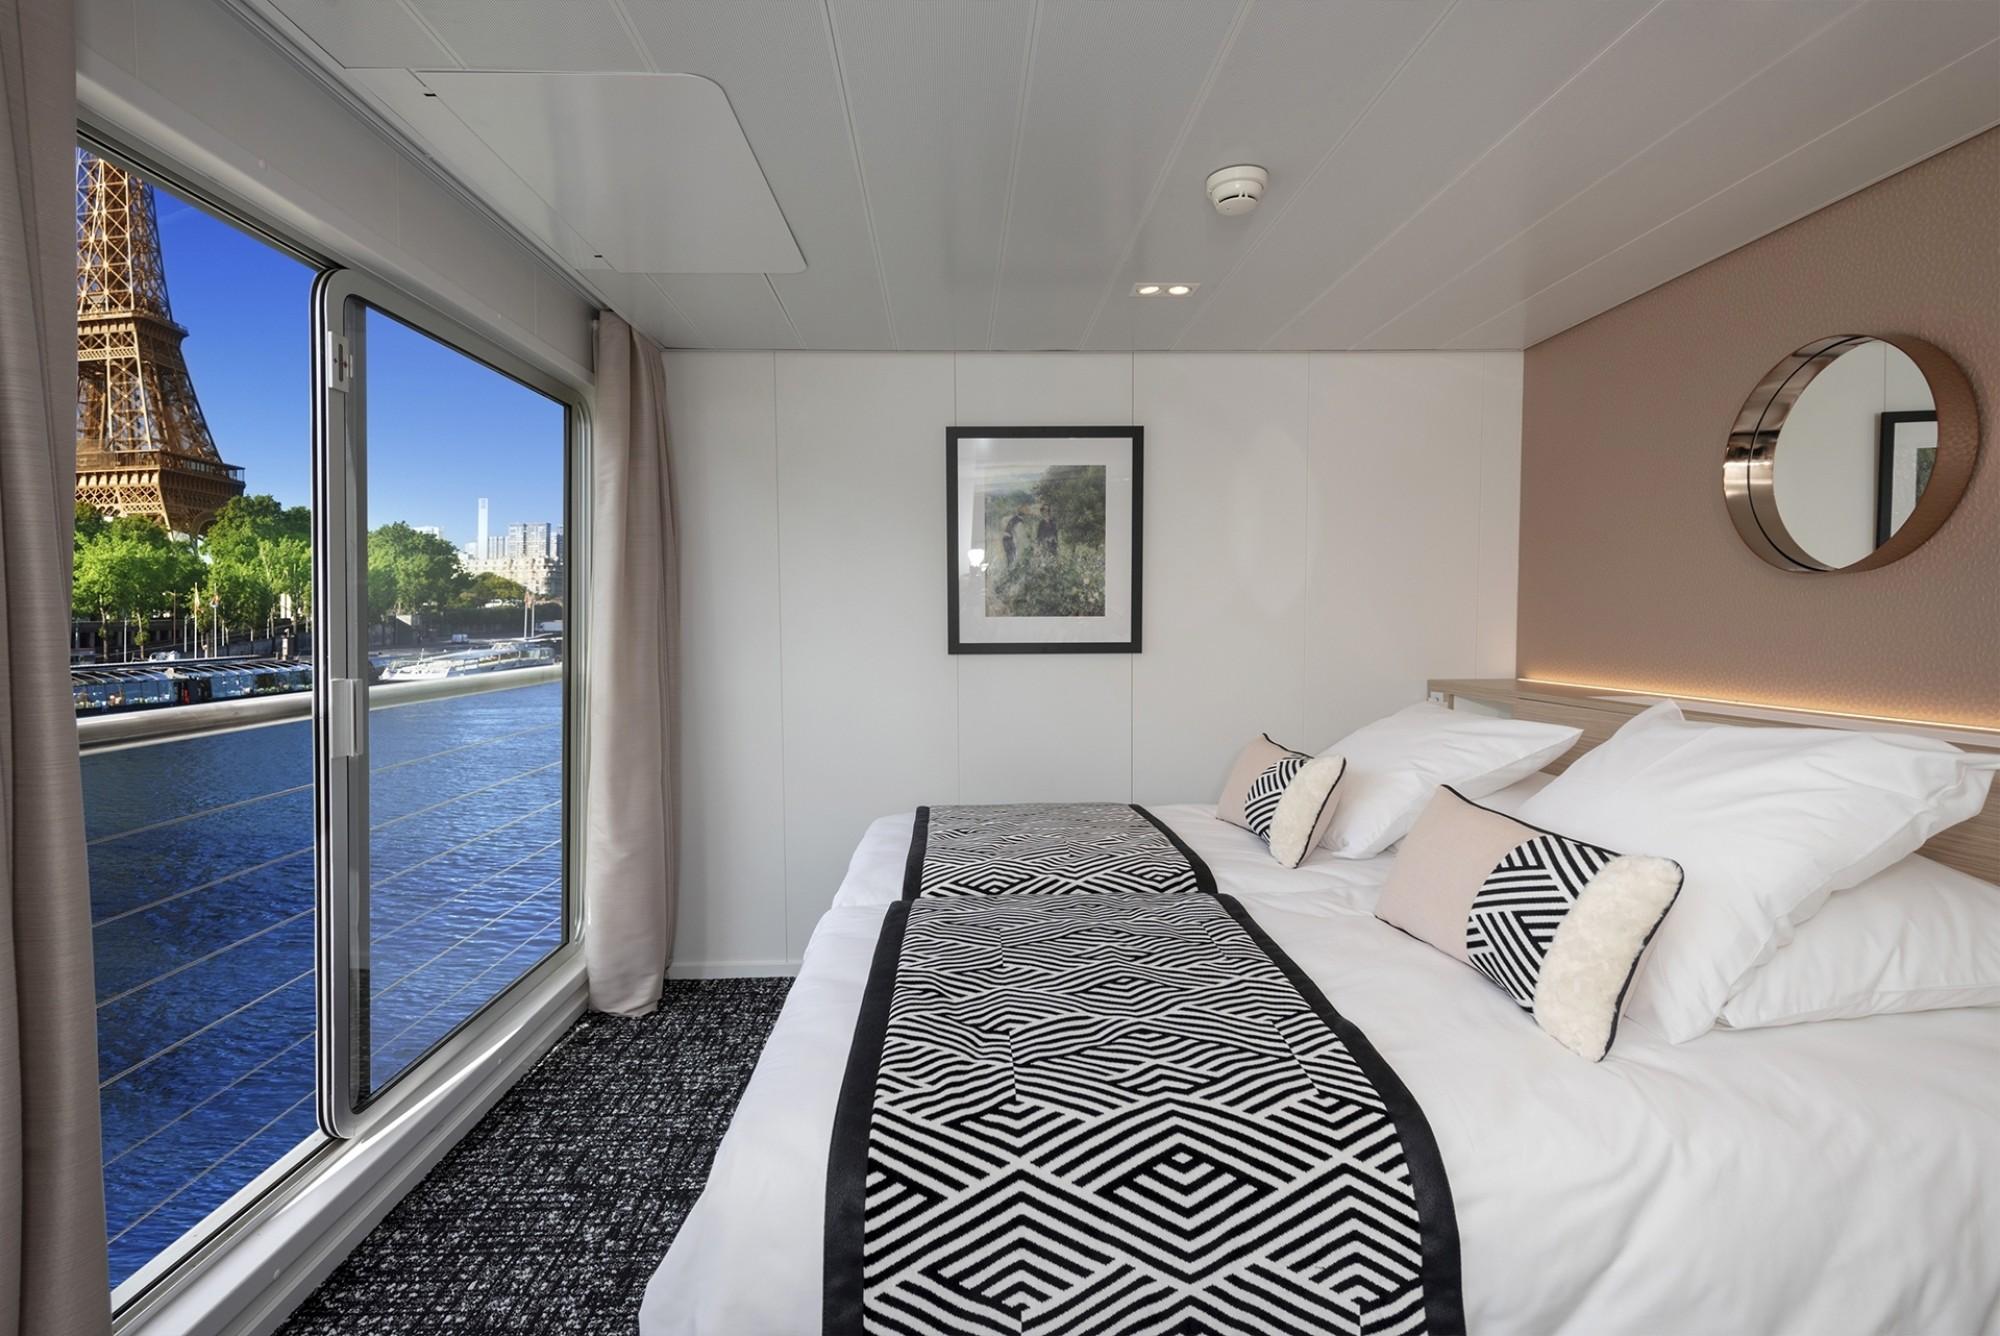 Cabine-deux-lits-separes-pont-superieur-MS-Renoir-Seine-Croisieurope-220048 Gregory-Gerault